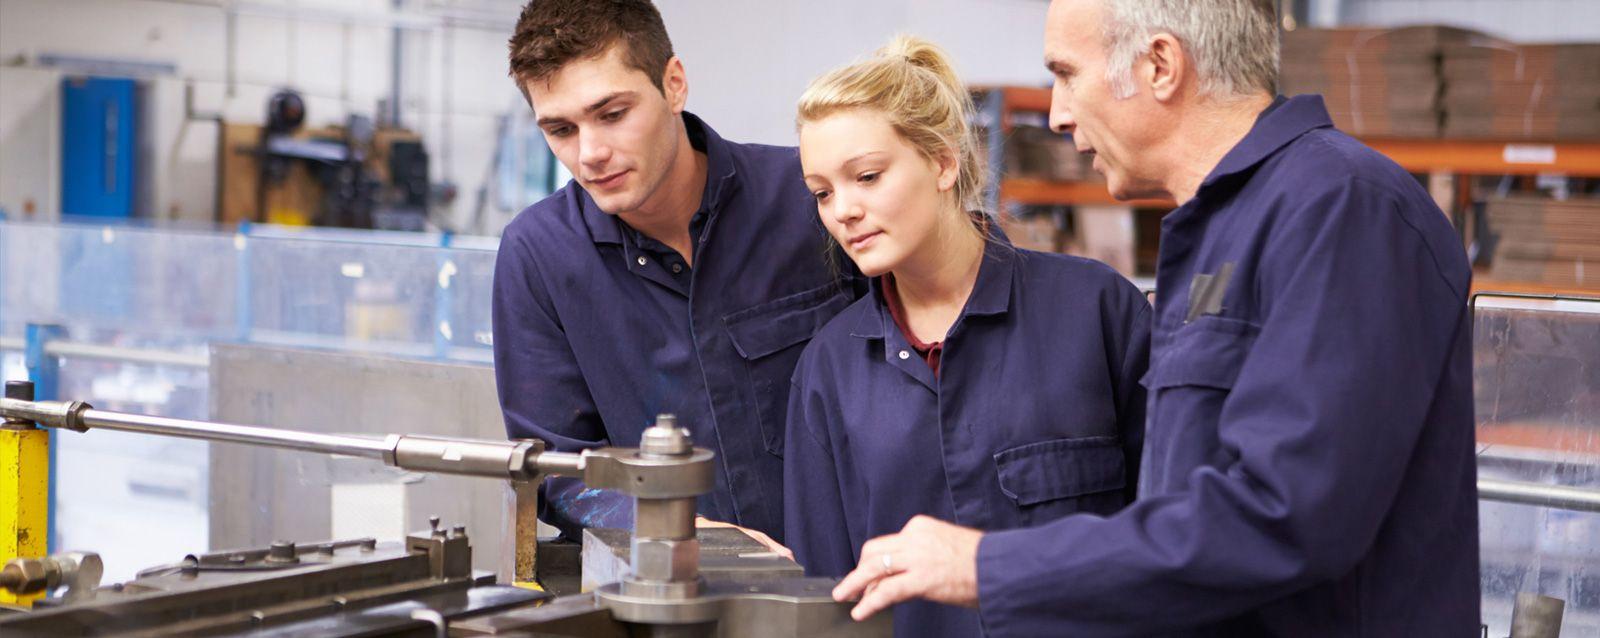 Secondsite Recruitment Engineering classes, Job training